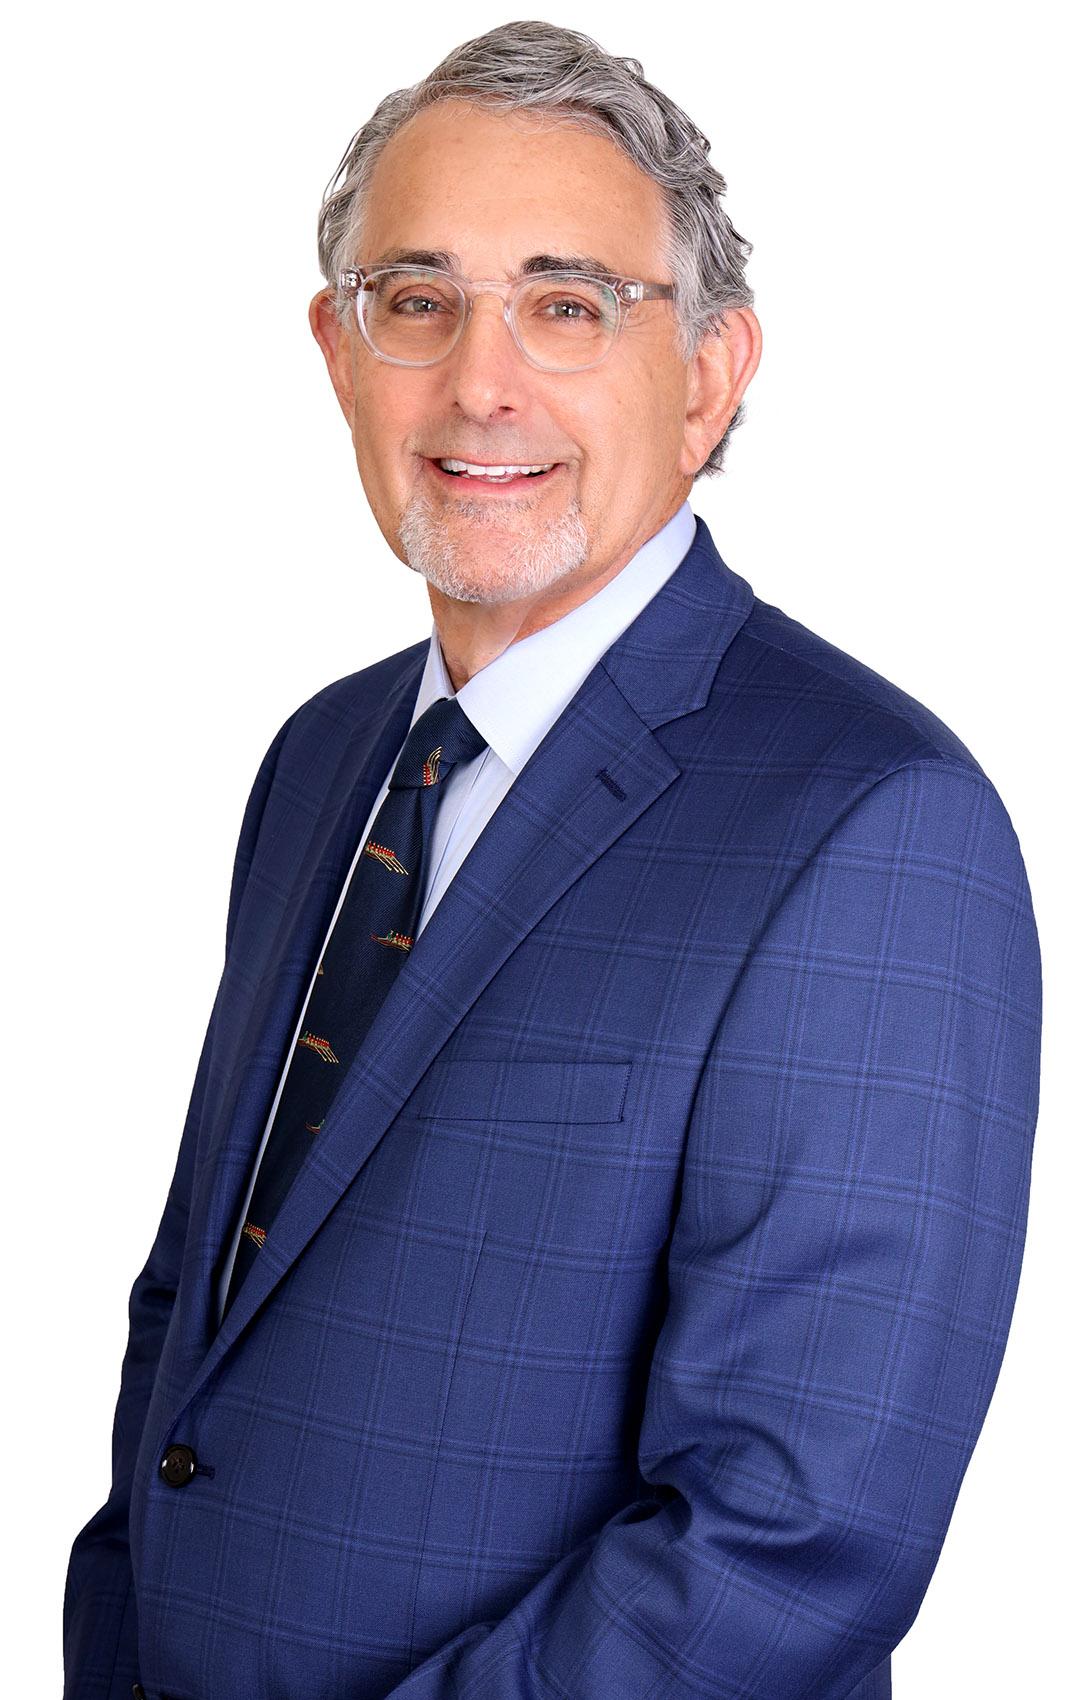 Edward E. Poliakoff